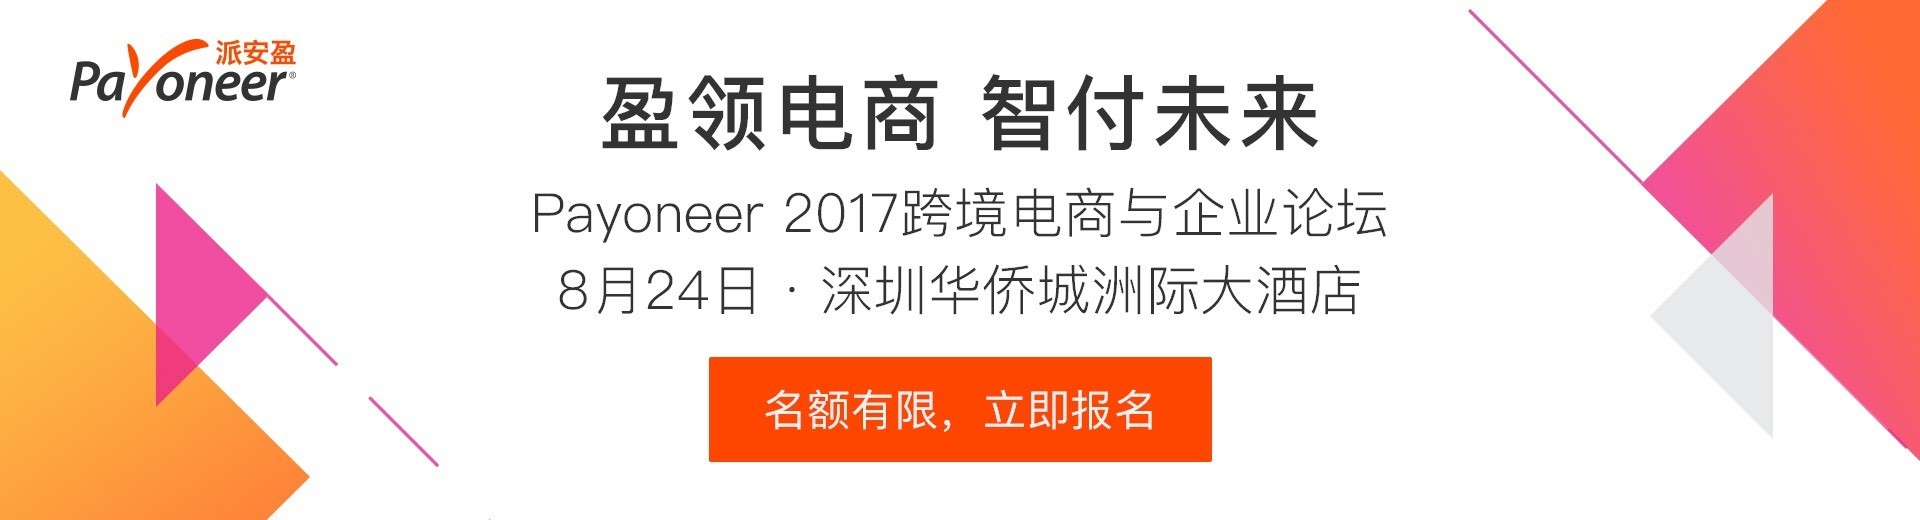 盈领电商 智付未来 | Payoneer 2017跨境电商与企业论坛·深圳站